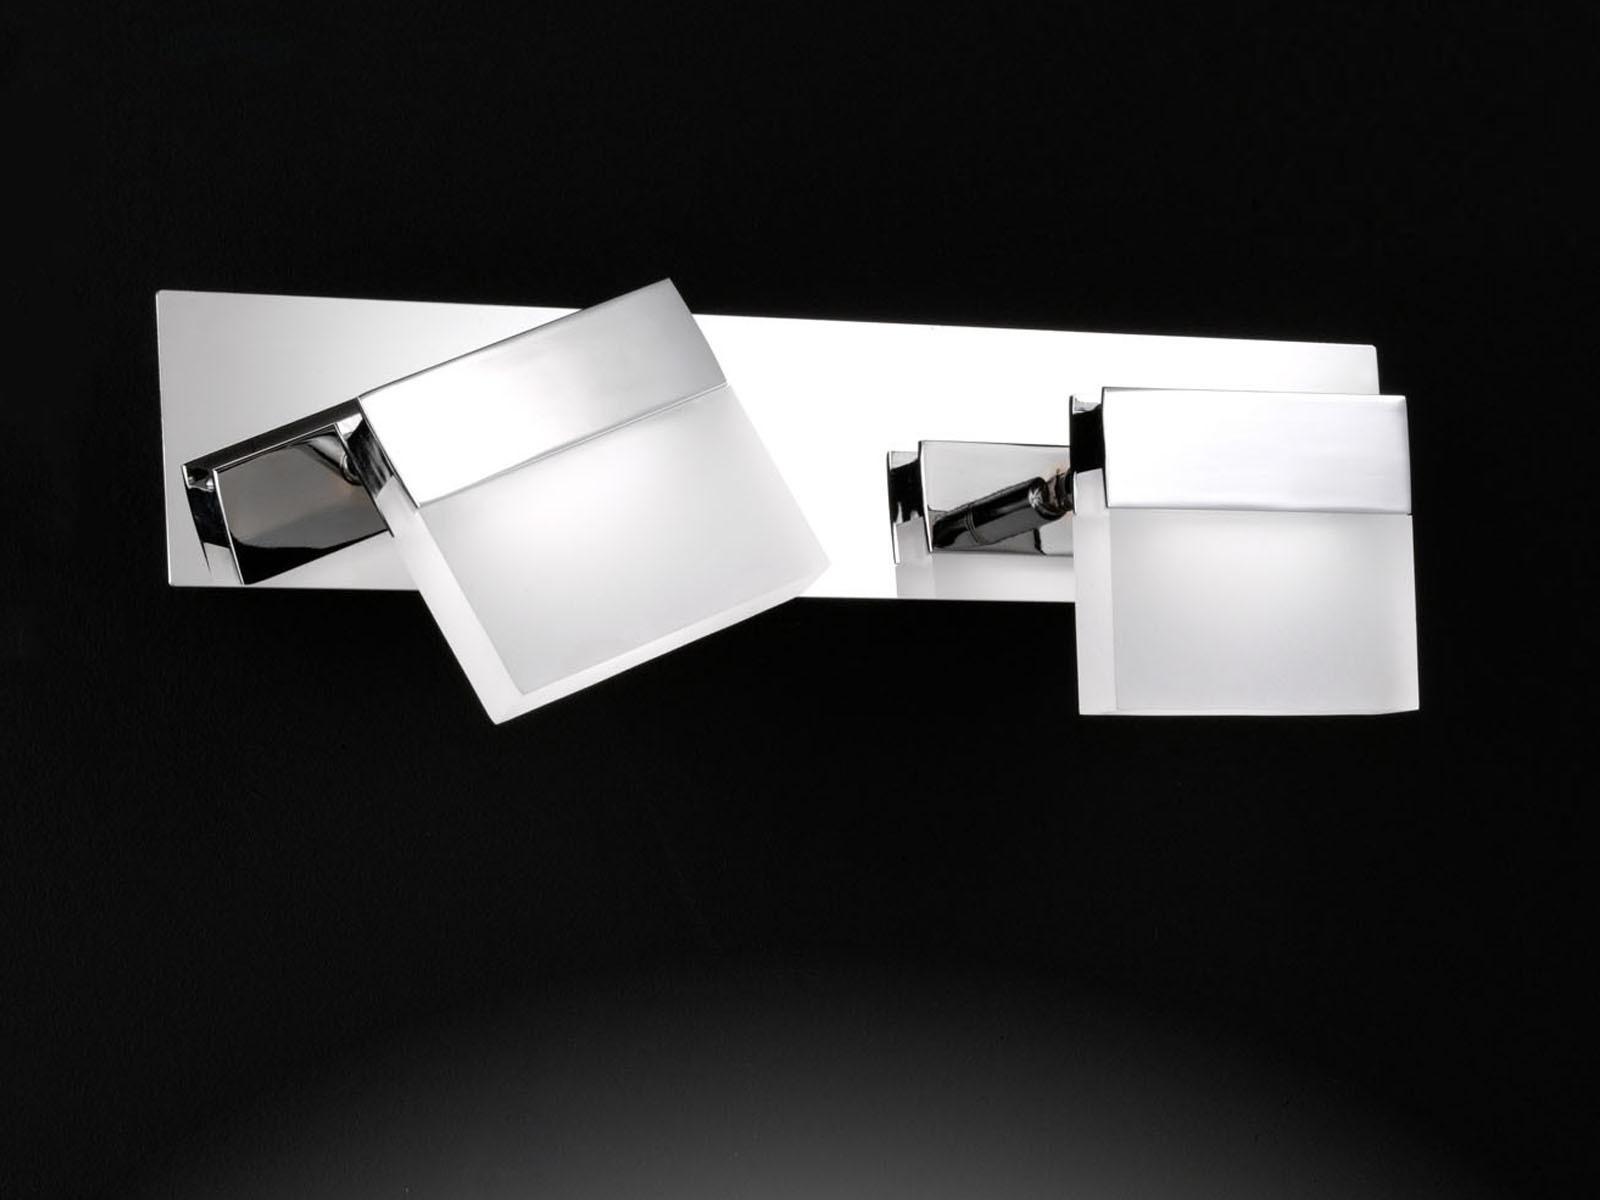 LED Wandleuchte fürs Bad, dreh- und schwenkbar, Wofi-Leuchten | Deutschland Store